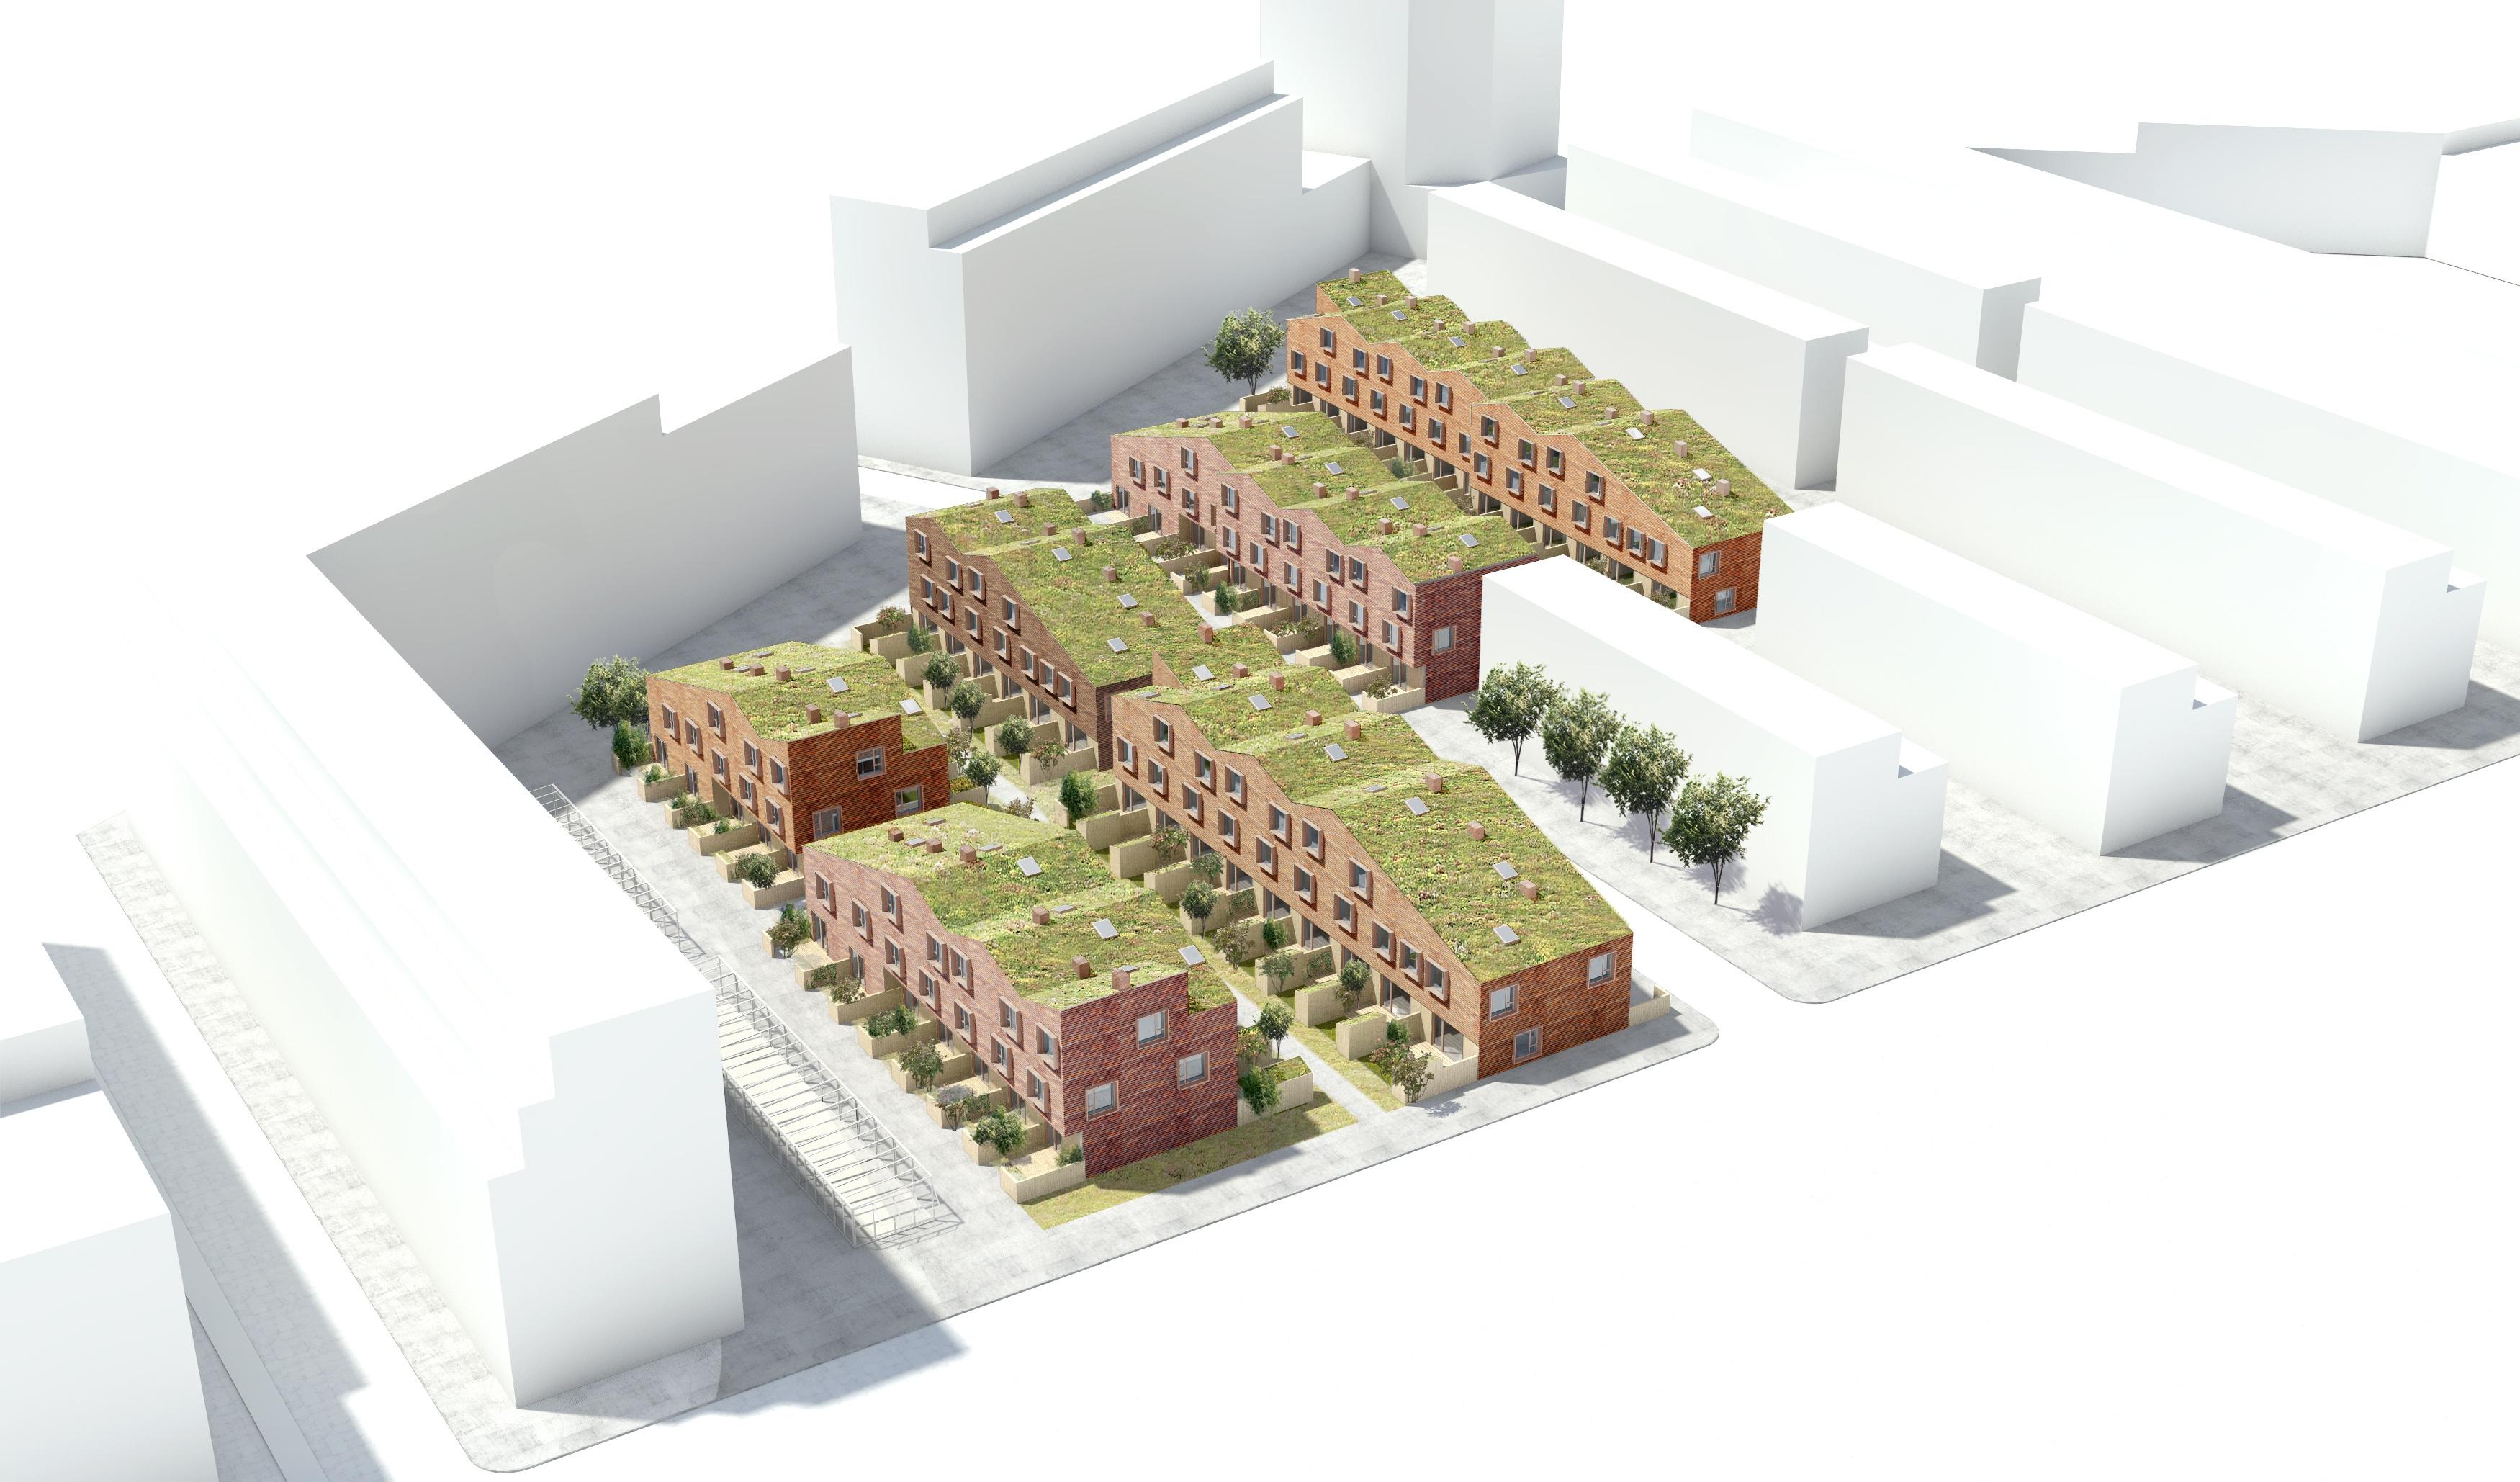 Grøntorvet_onv arkitekter præfab boliger prefabricated housing København